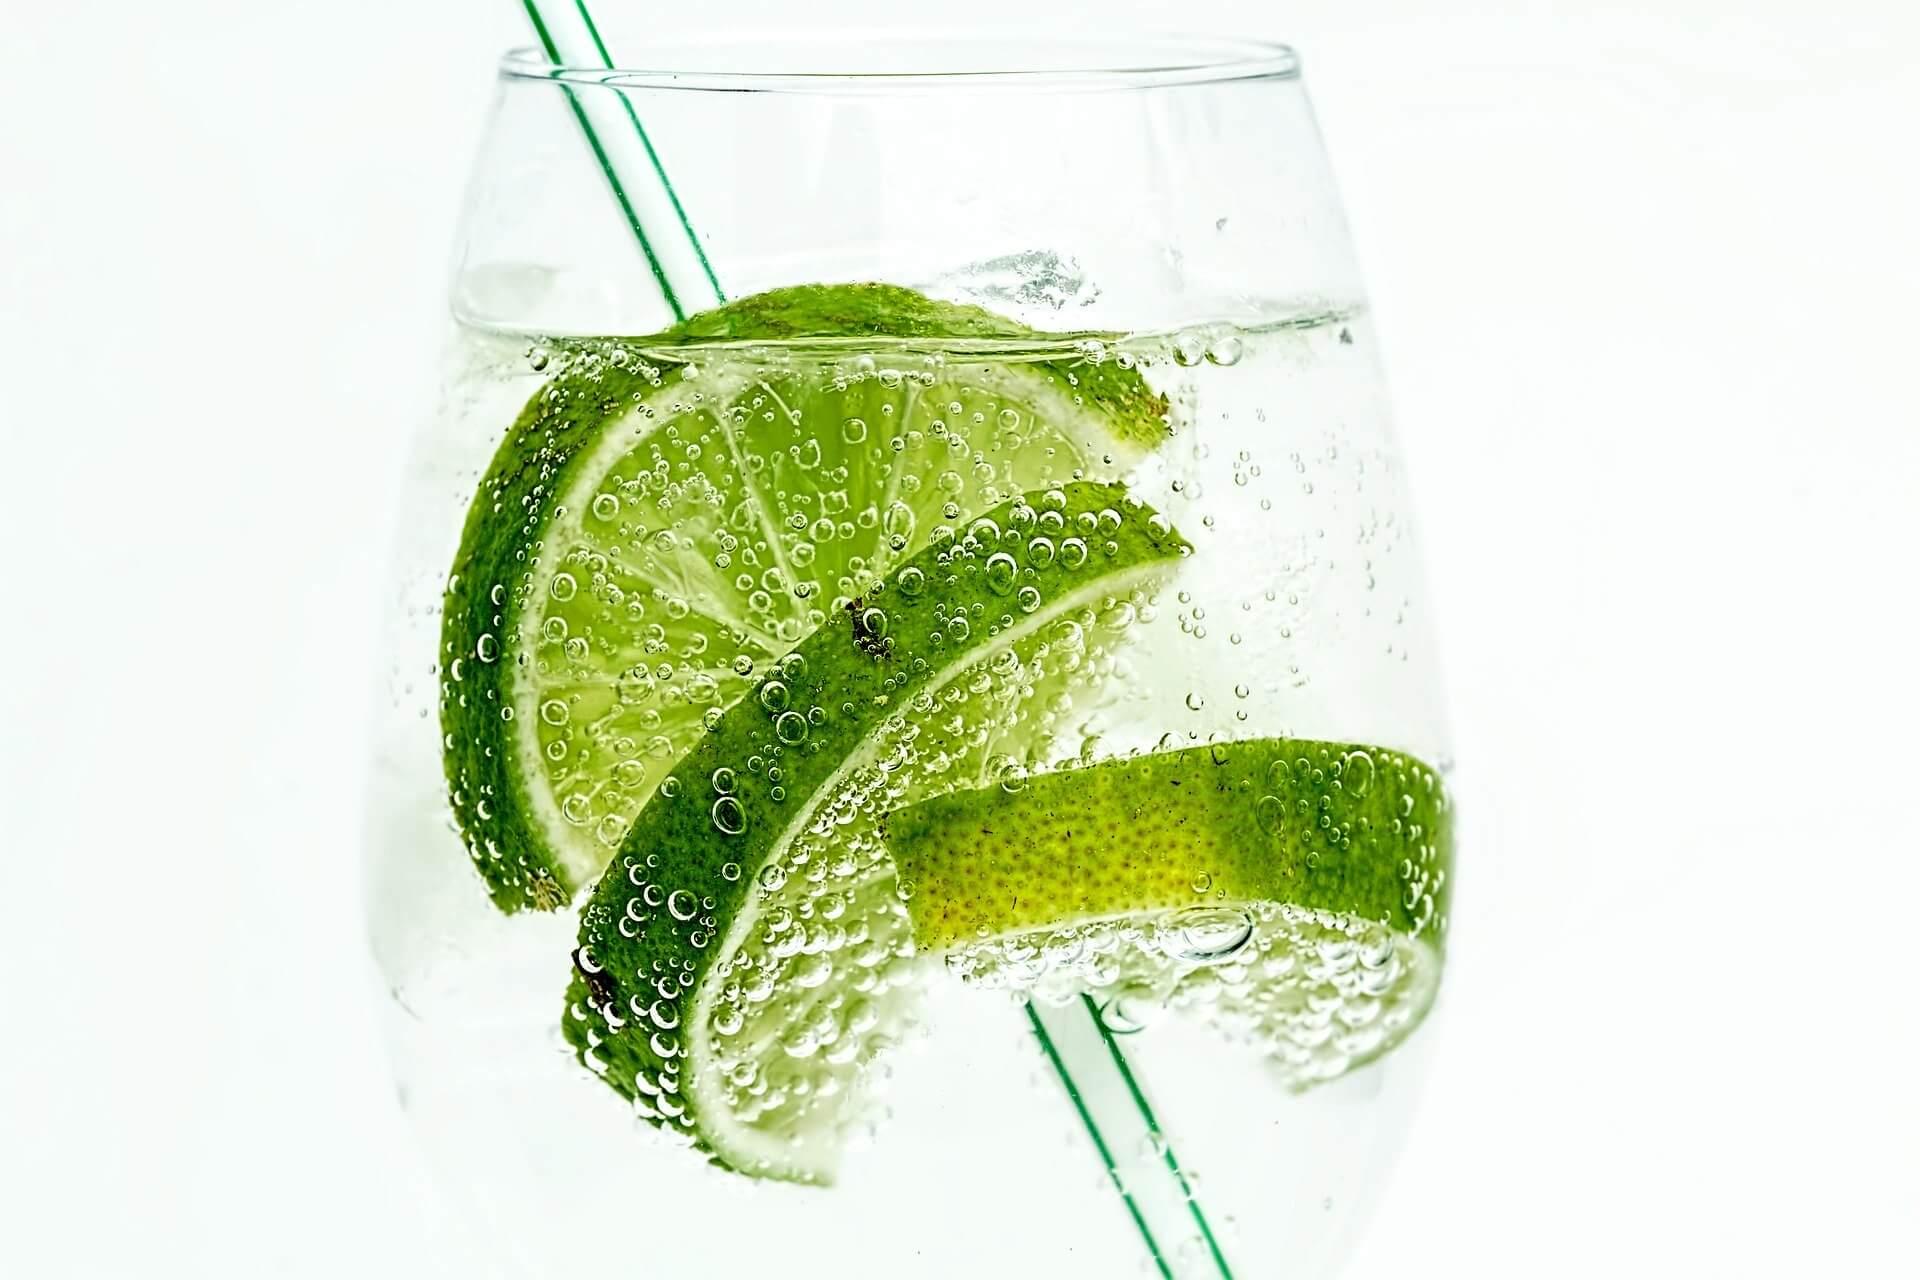 woda, picie wody, zdrowie, zdrowy styl życia, owoce, dieta, dieta cud, odchudzanie, kuchnia, kawa, napoje, picie, lifestyle, woda mineralna, woda źródlana